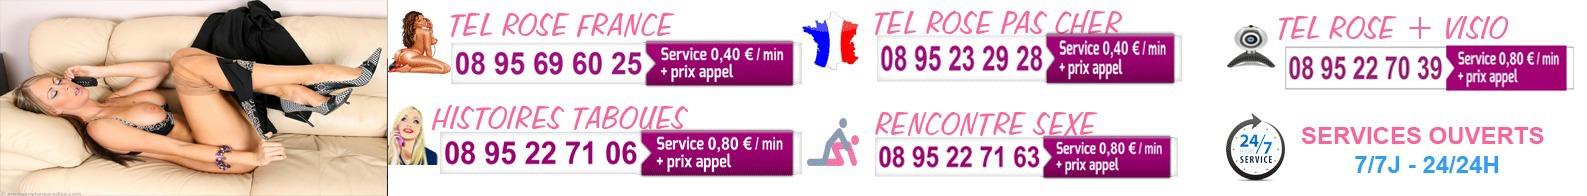 Femmes françaises pour du tél rose amateur